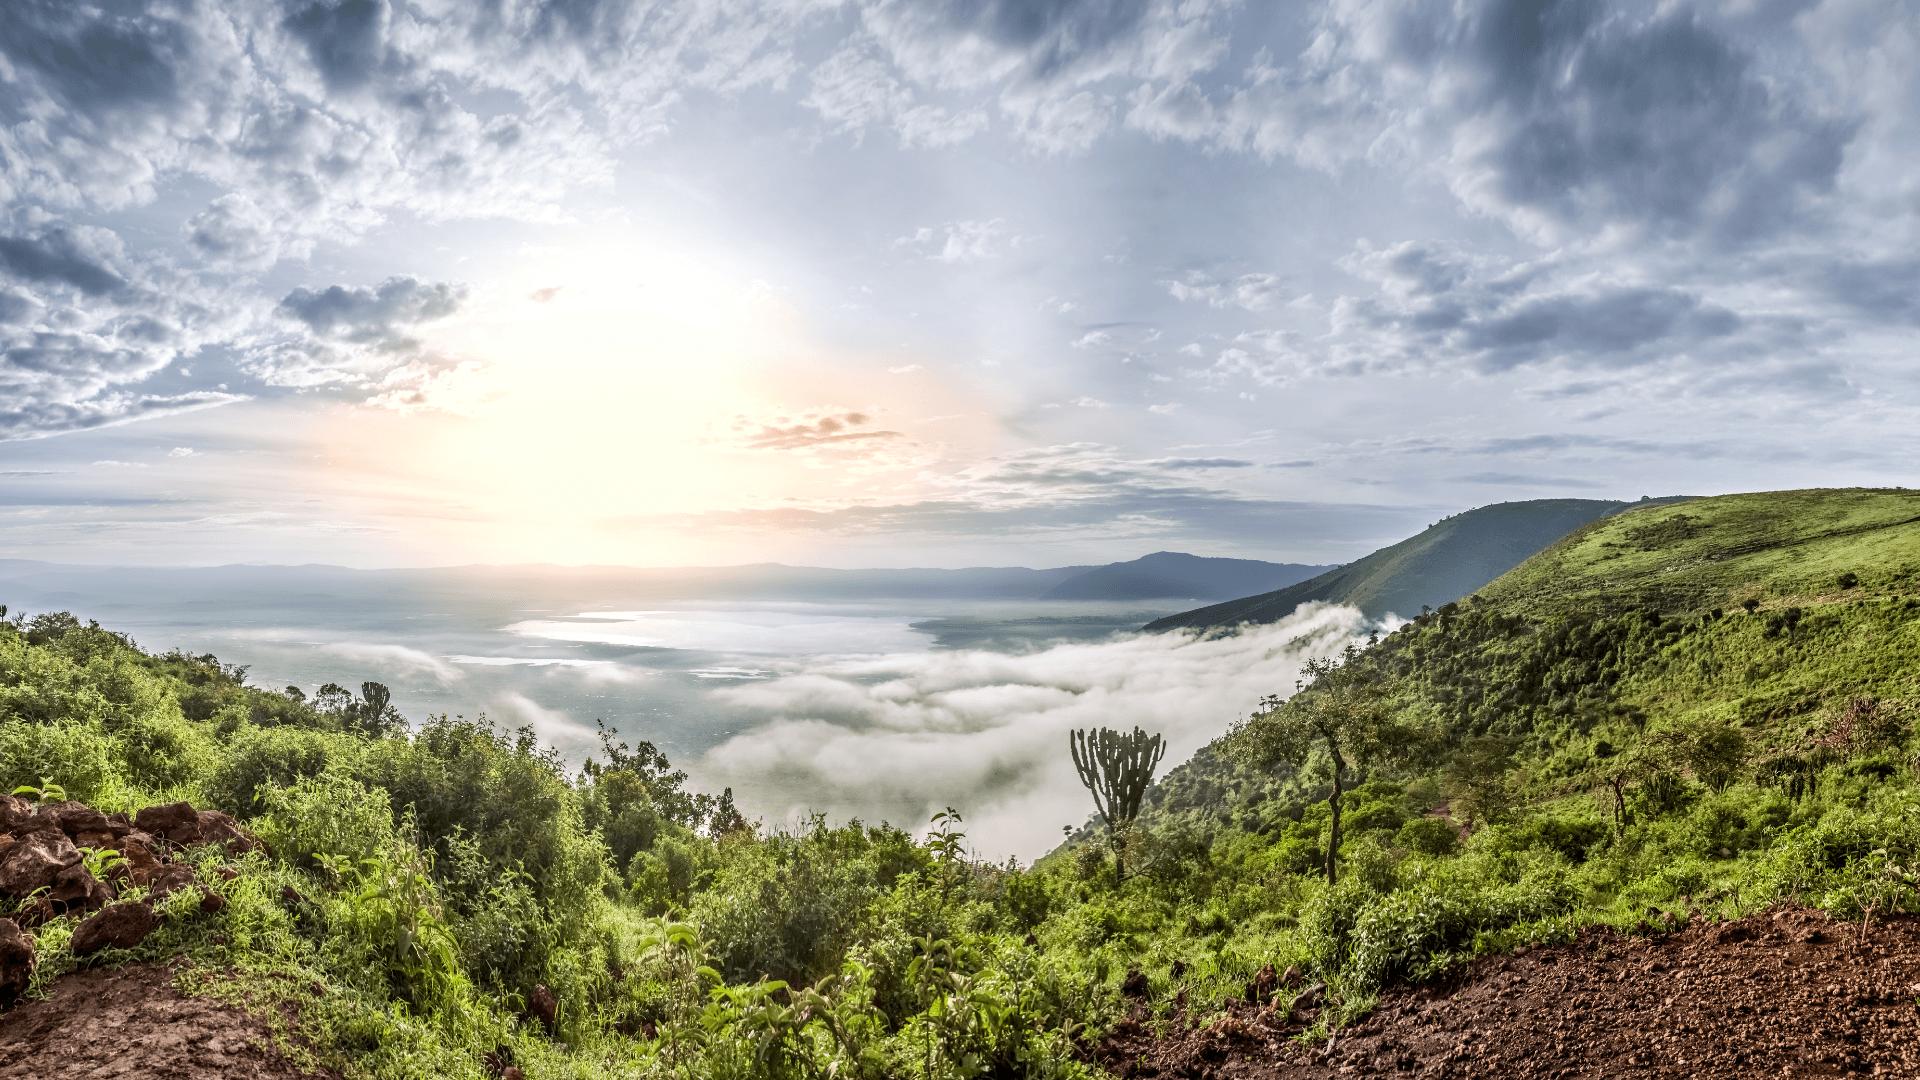 TANZANIAN PEABERRY